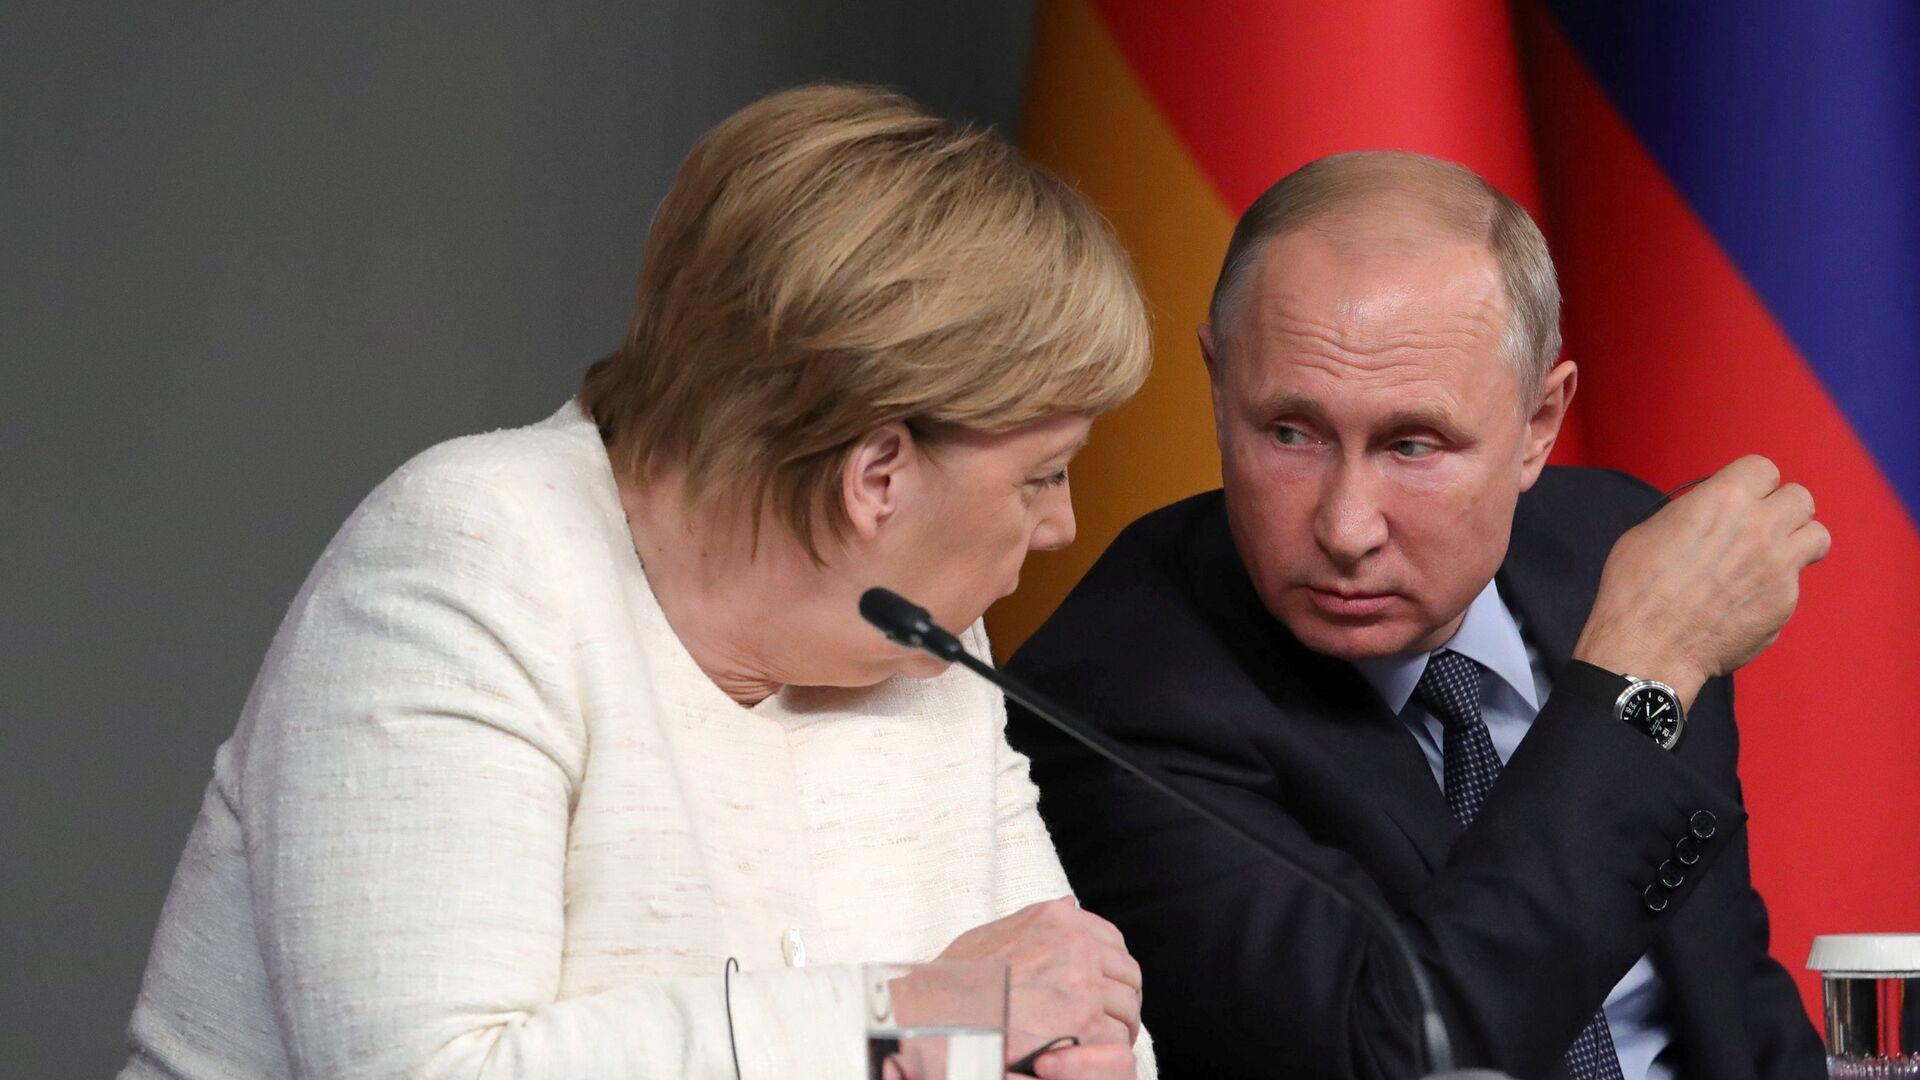 El presidente ruso, Vladímir Putin, y la canciller alemana, Angela Merkel, durante la cumbre en Estambul del 27 de octubre - Sputnik Mundo, 1920, 13.08.2021